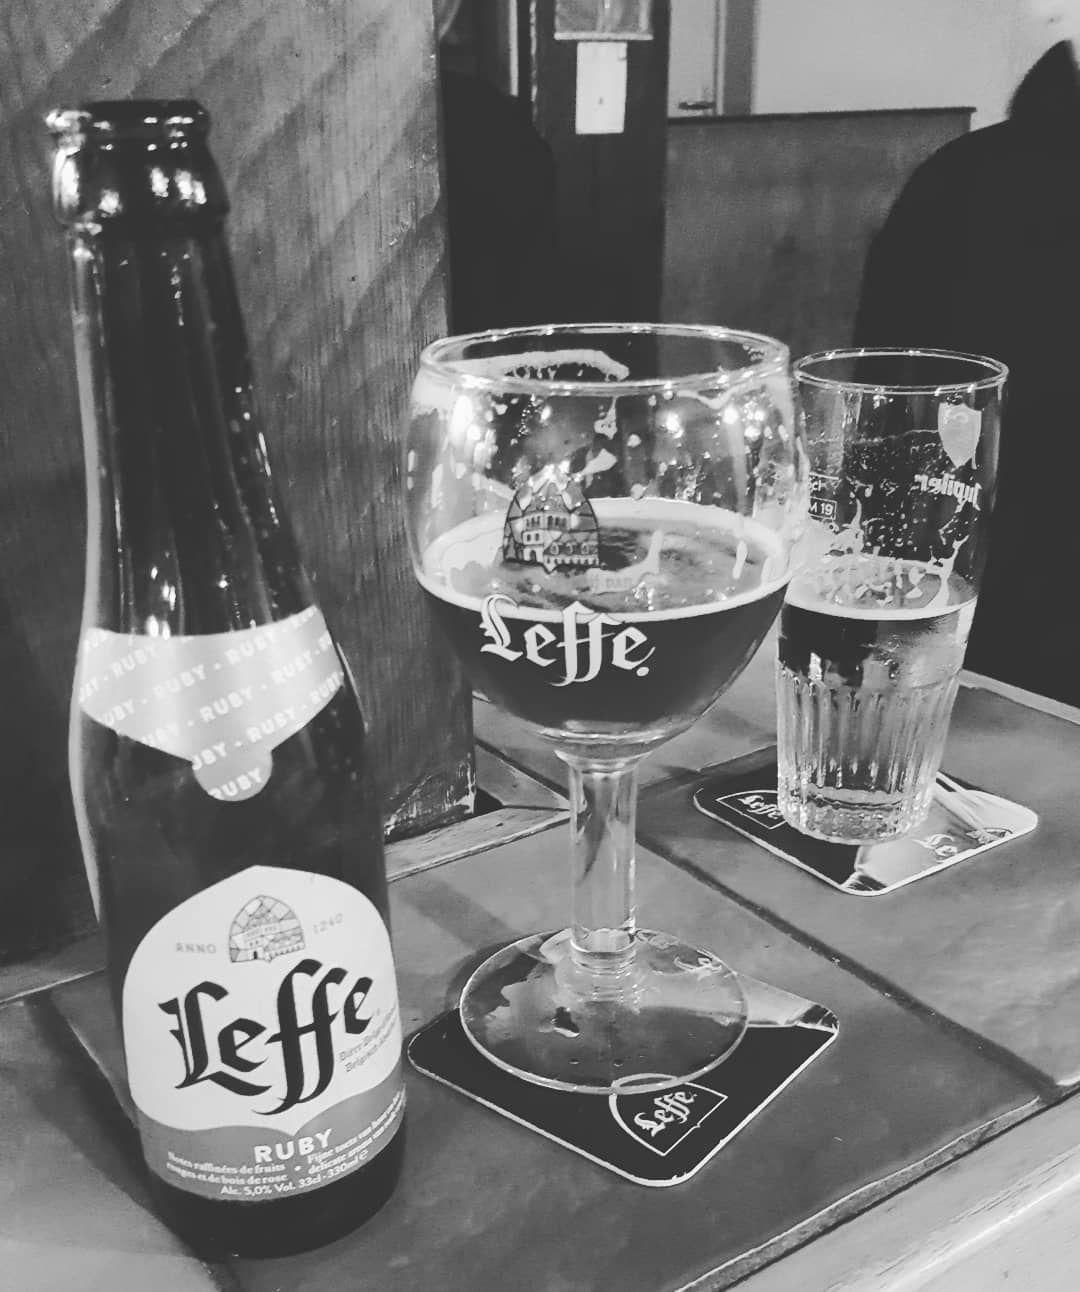 #friday #familytime #aperotime #beeraddict #lefferuby #cheers... #aperotime #beeraddict #cheers #familytime #friday #lefferuby